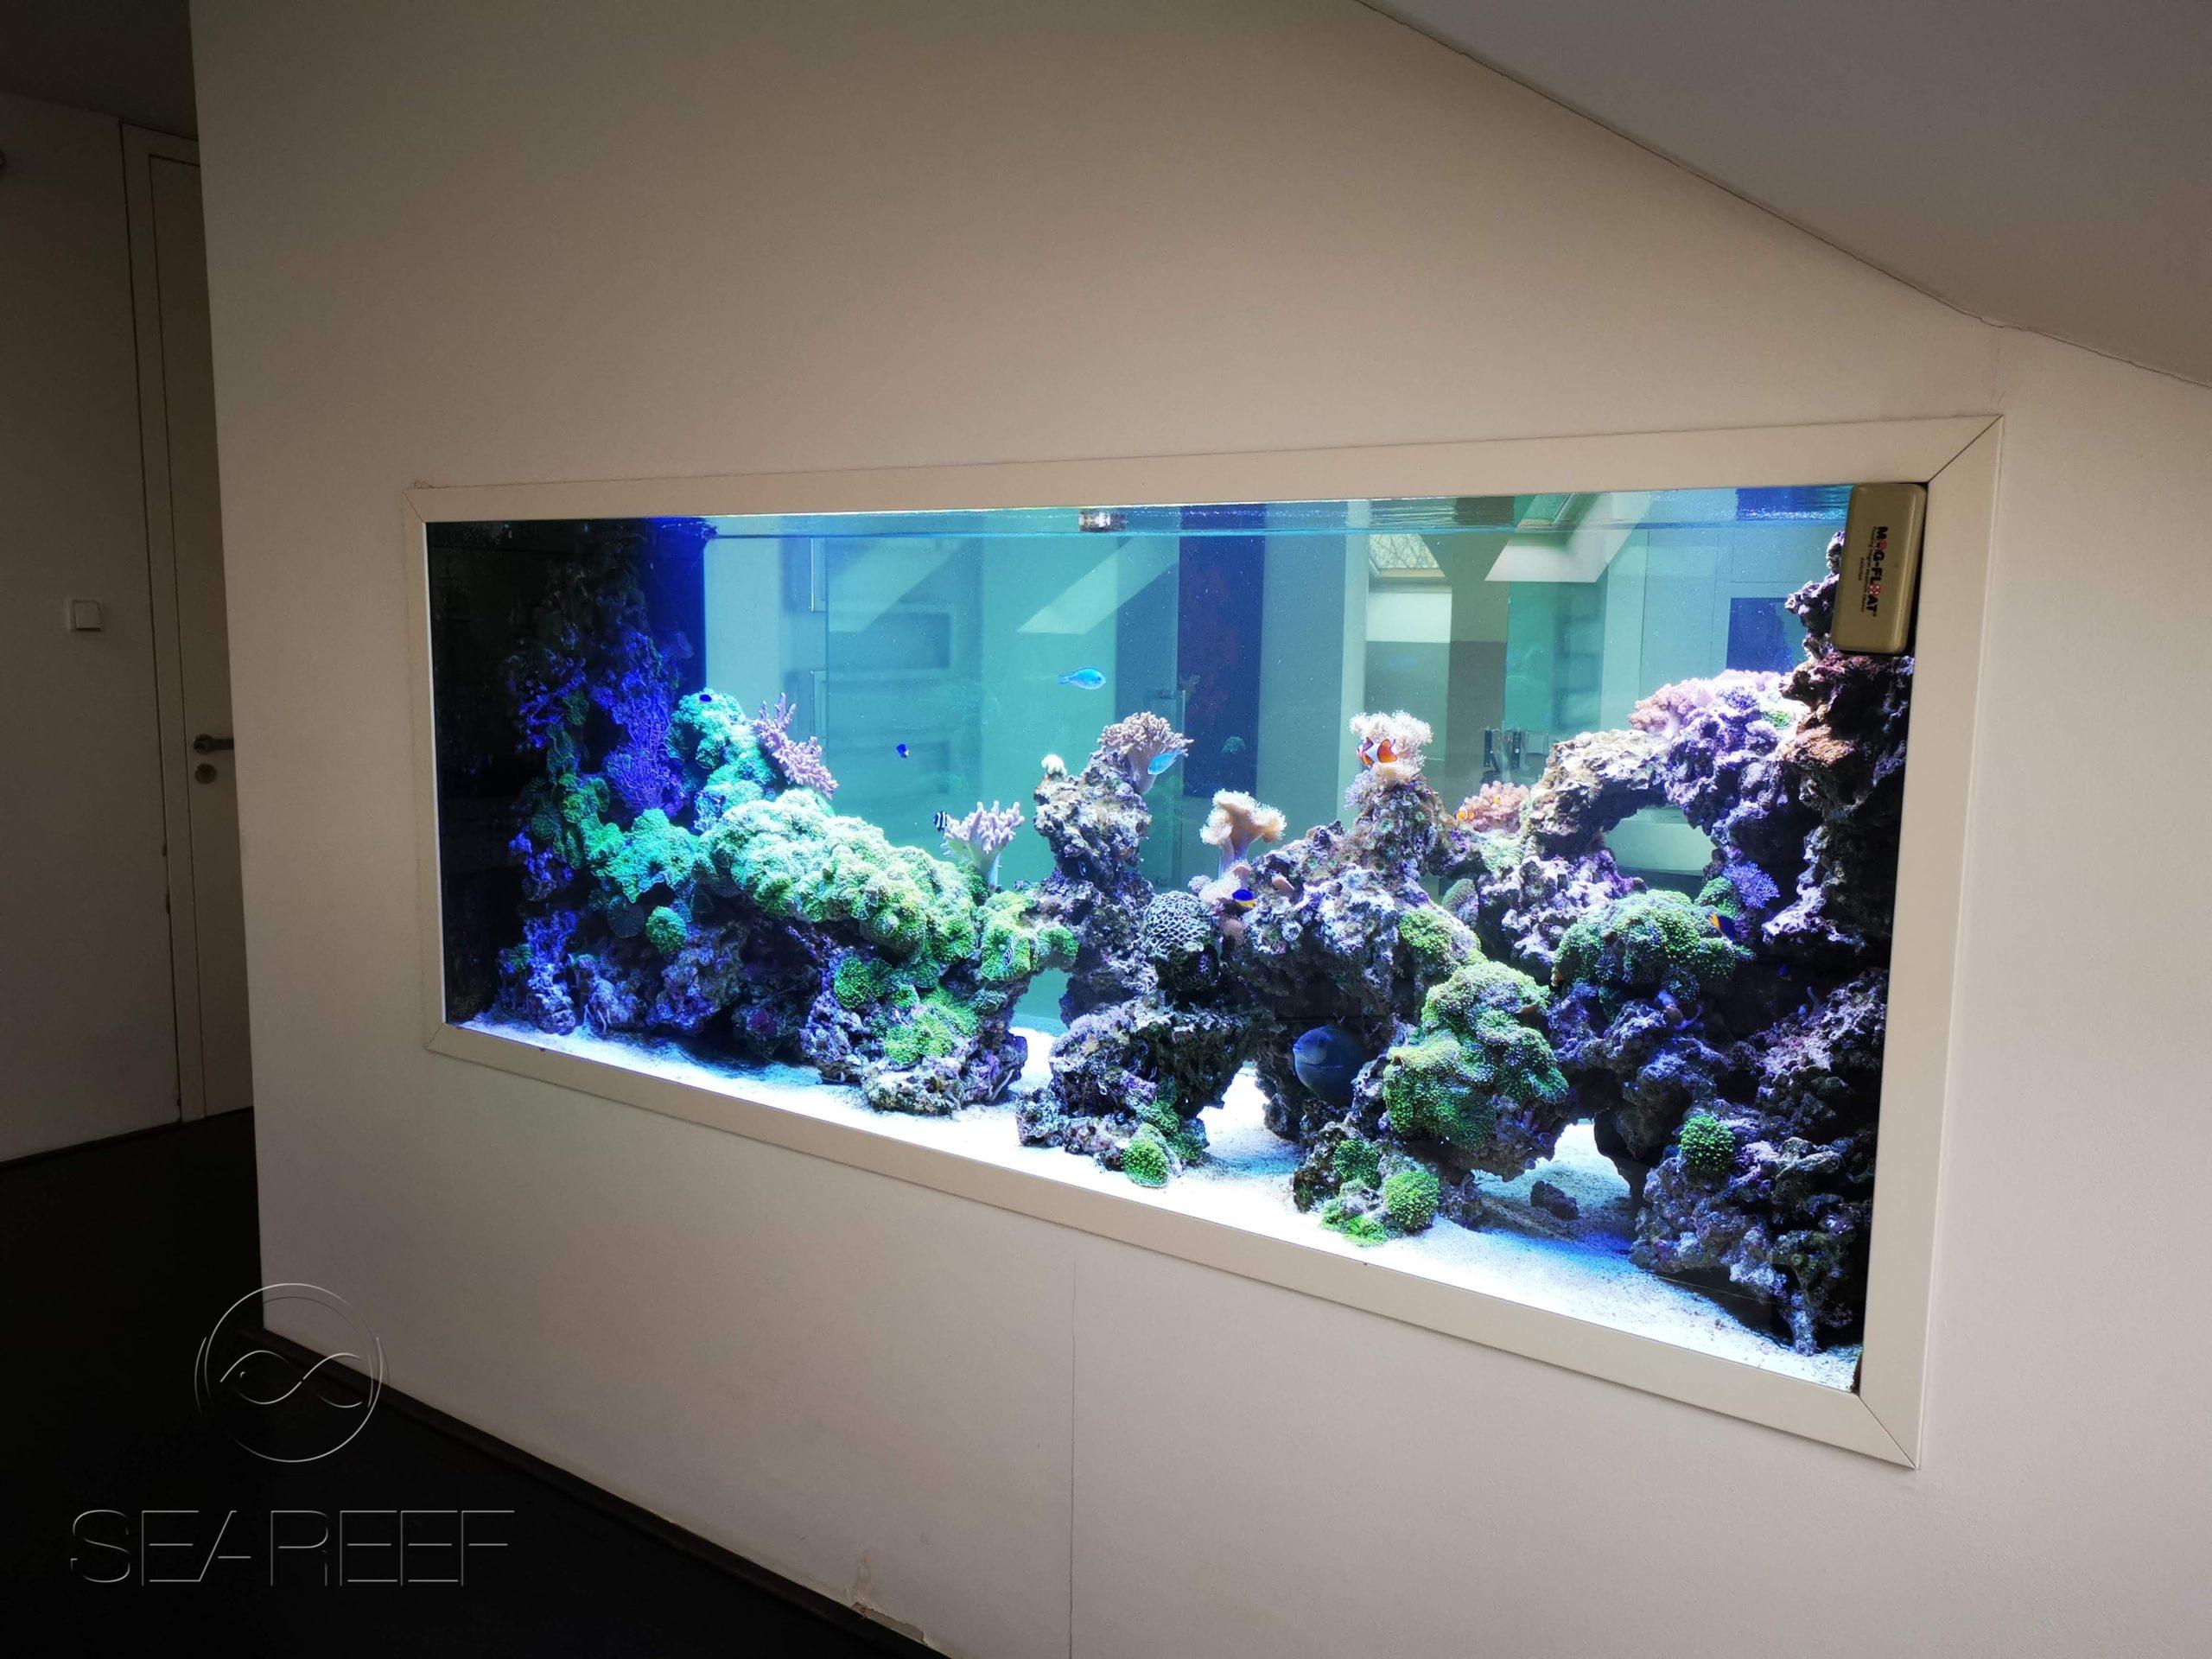 Mořské akvárium na míru interiéru o objemu 2280 litrů, s koráli a rybami.